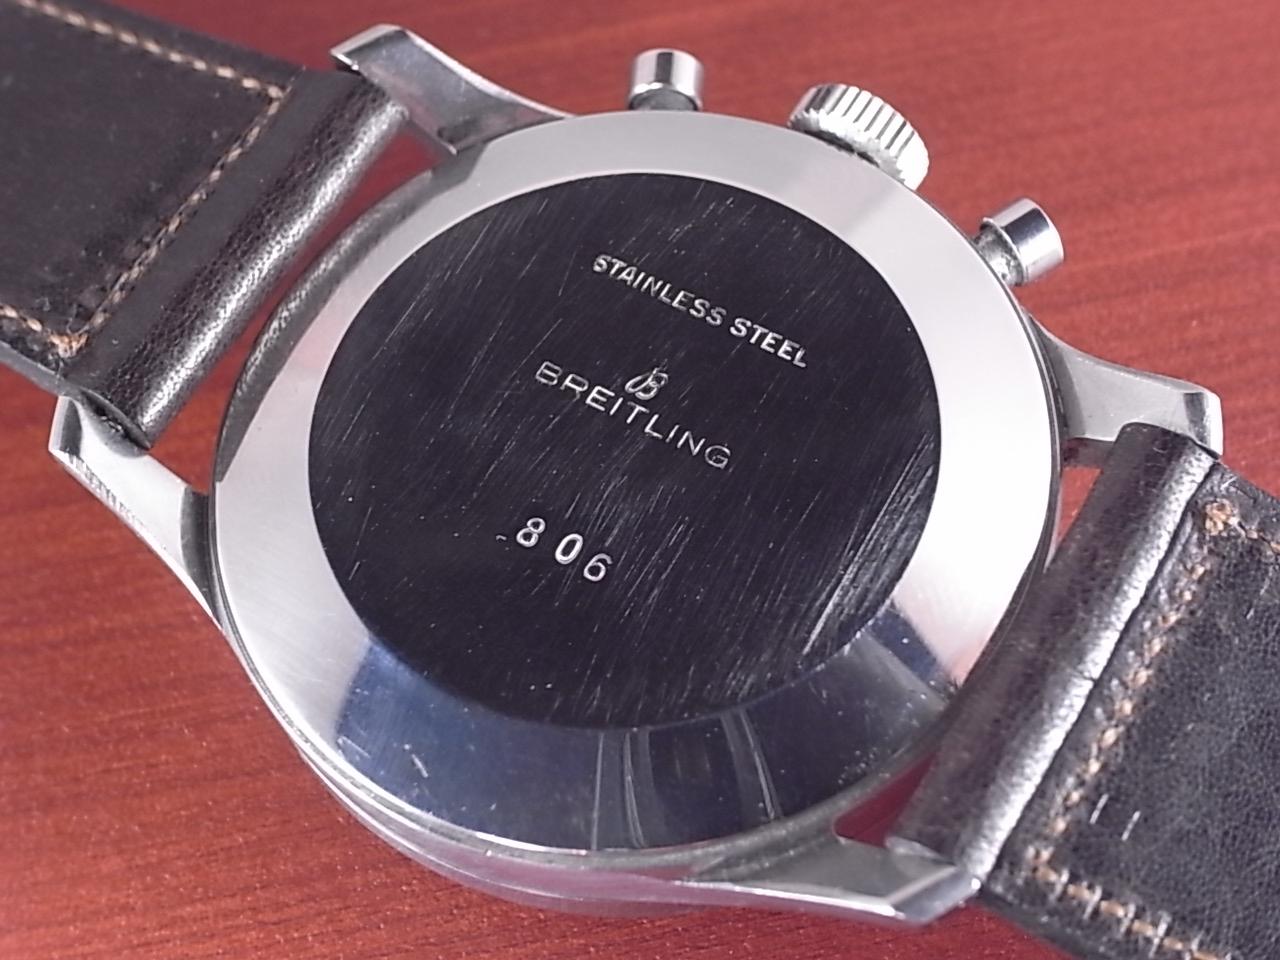 ブライトリング ナビタイマー ファースト Ref.806 ヴィーナス178 1950年代の写真4枚目